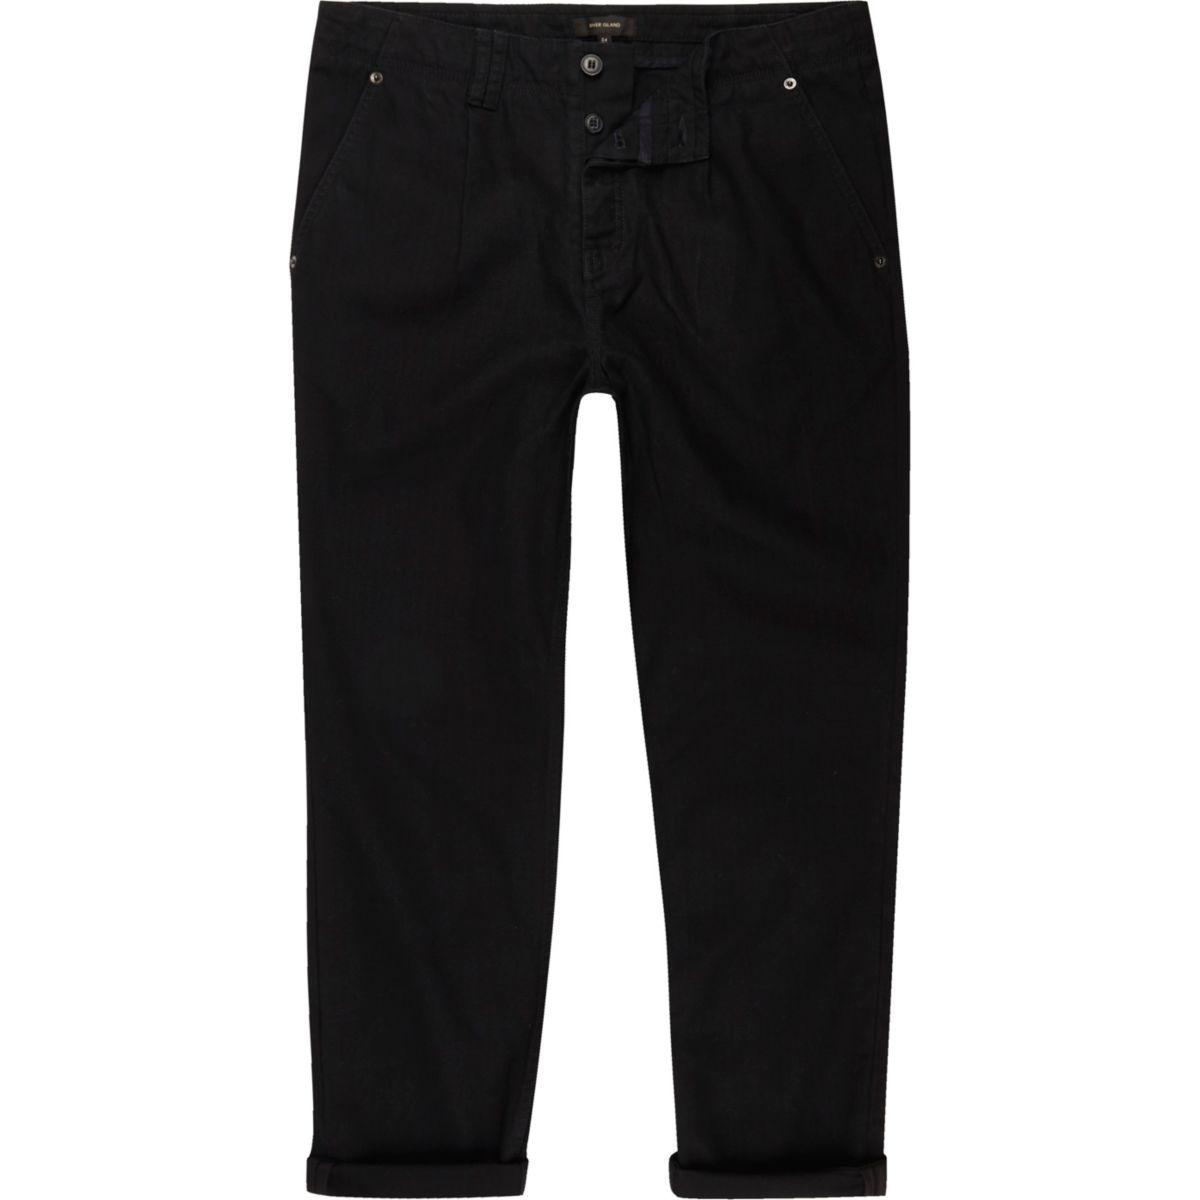 Schwarze Hose mit weitem Bein